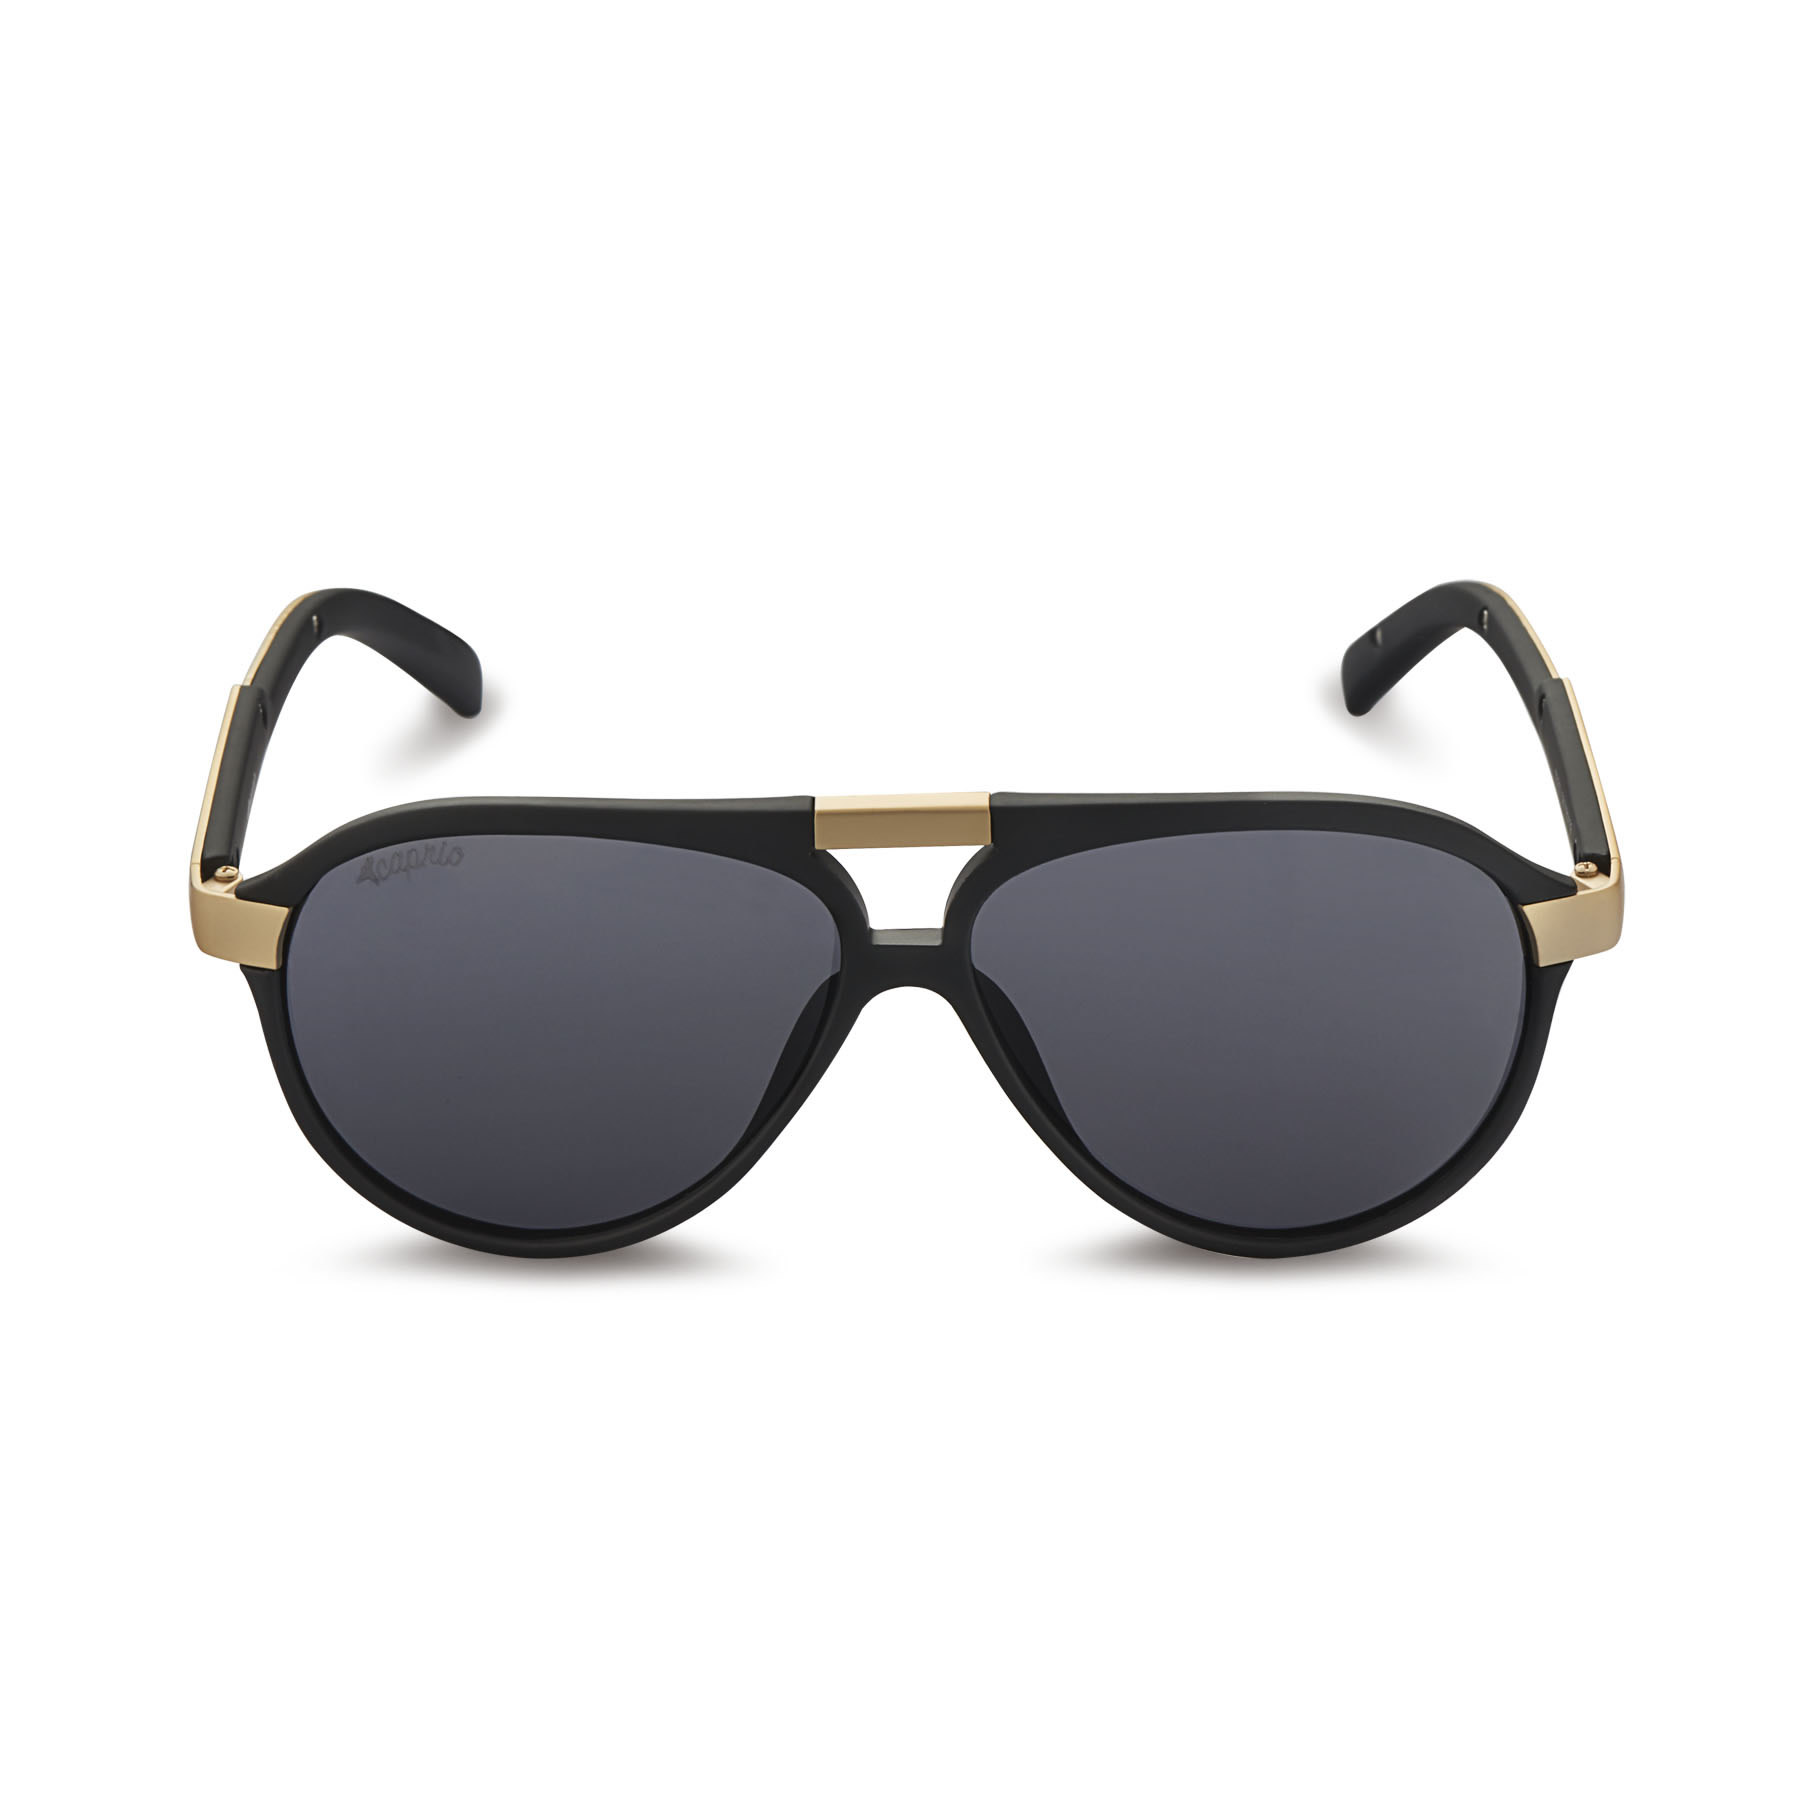 08c974e131d1e Caprio Unisex Bold Double Bridge Sunglasses